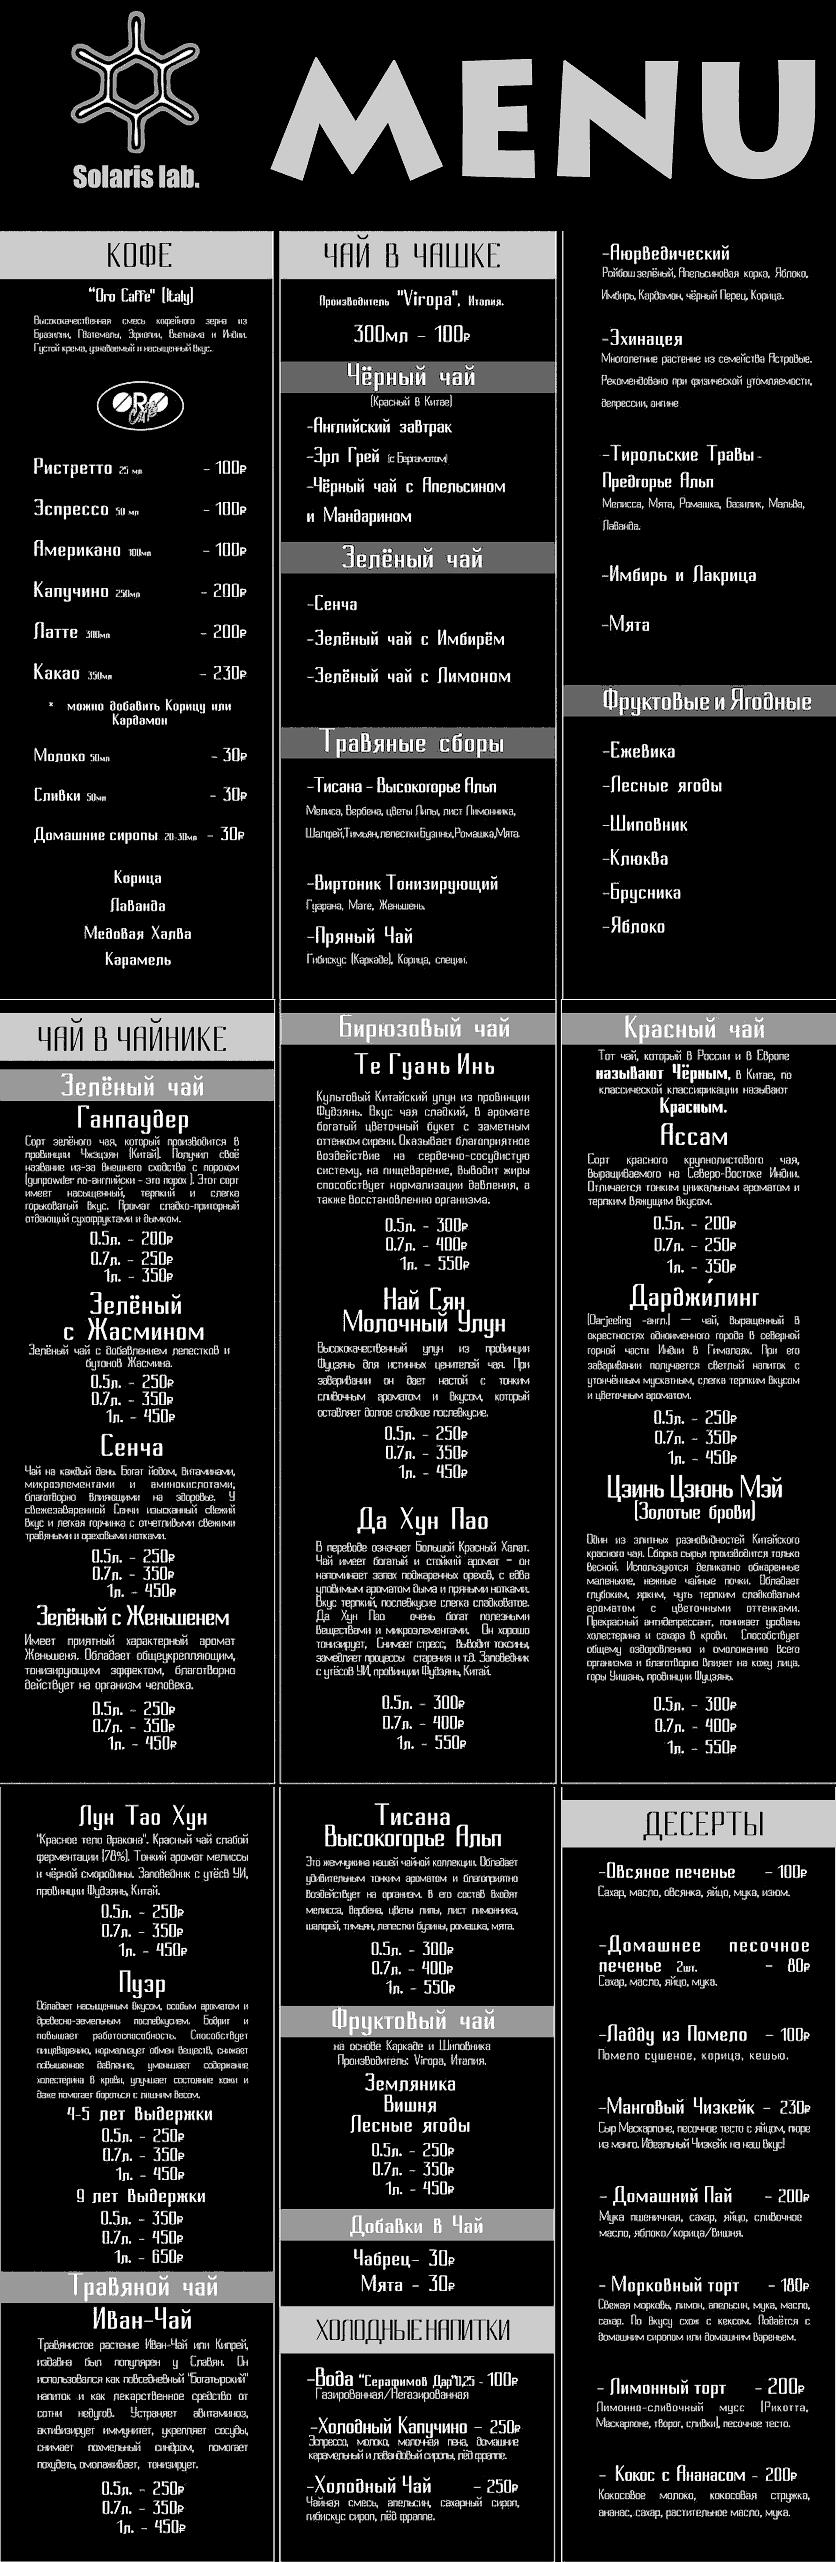 solarlab-cafe-menu